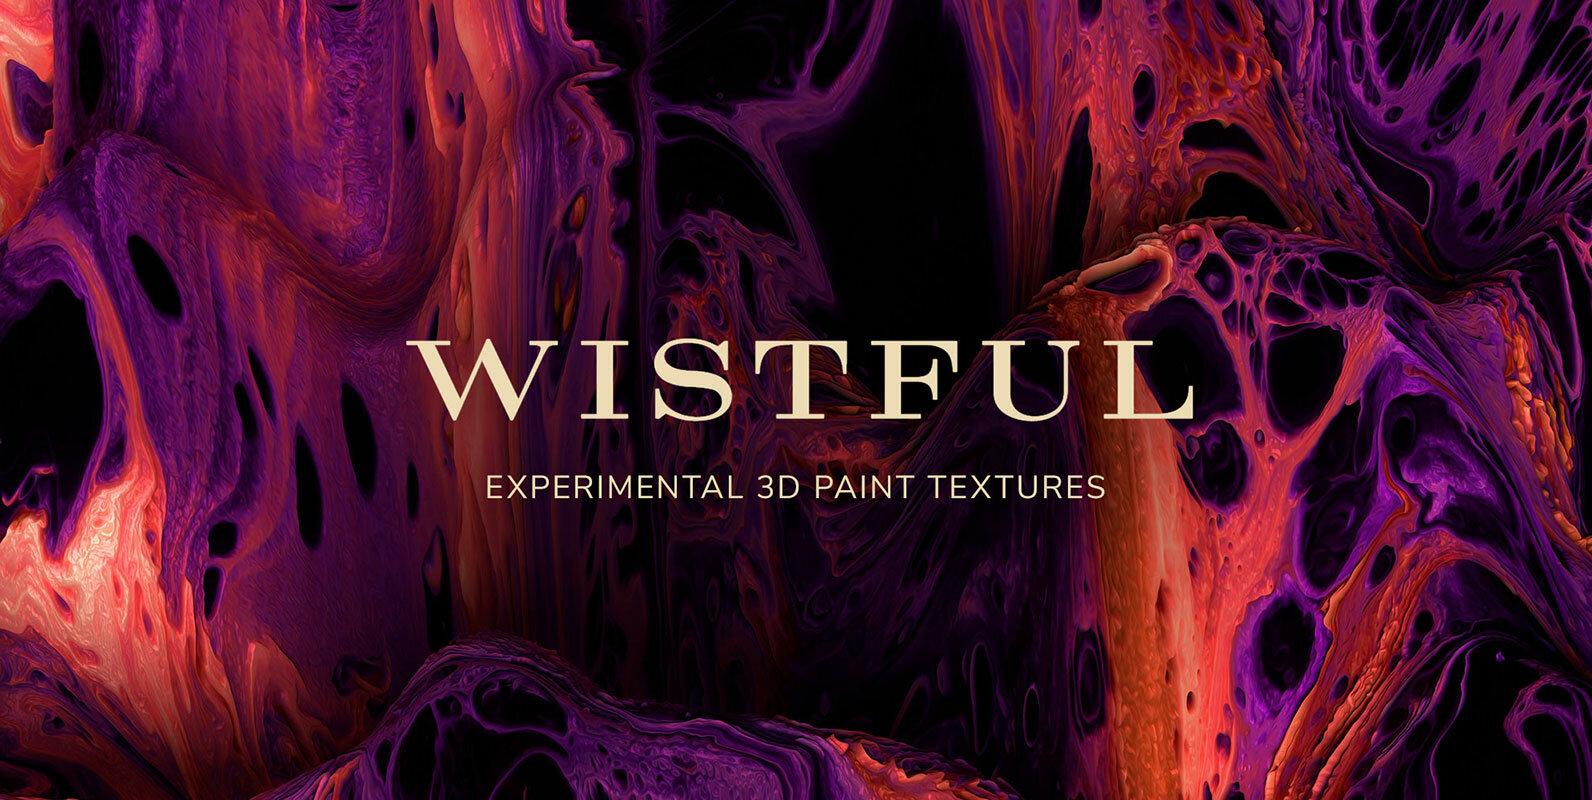 Wistful – Experimental 3D Paint Textures